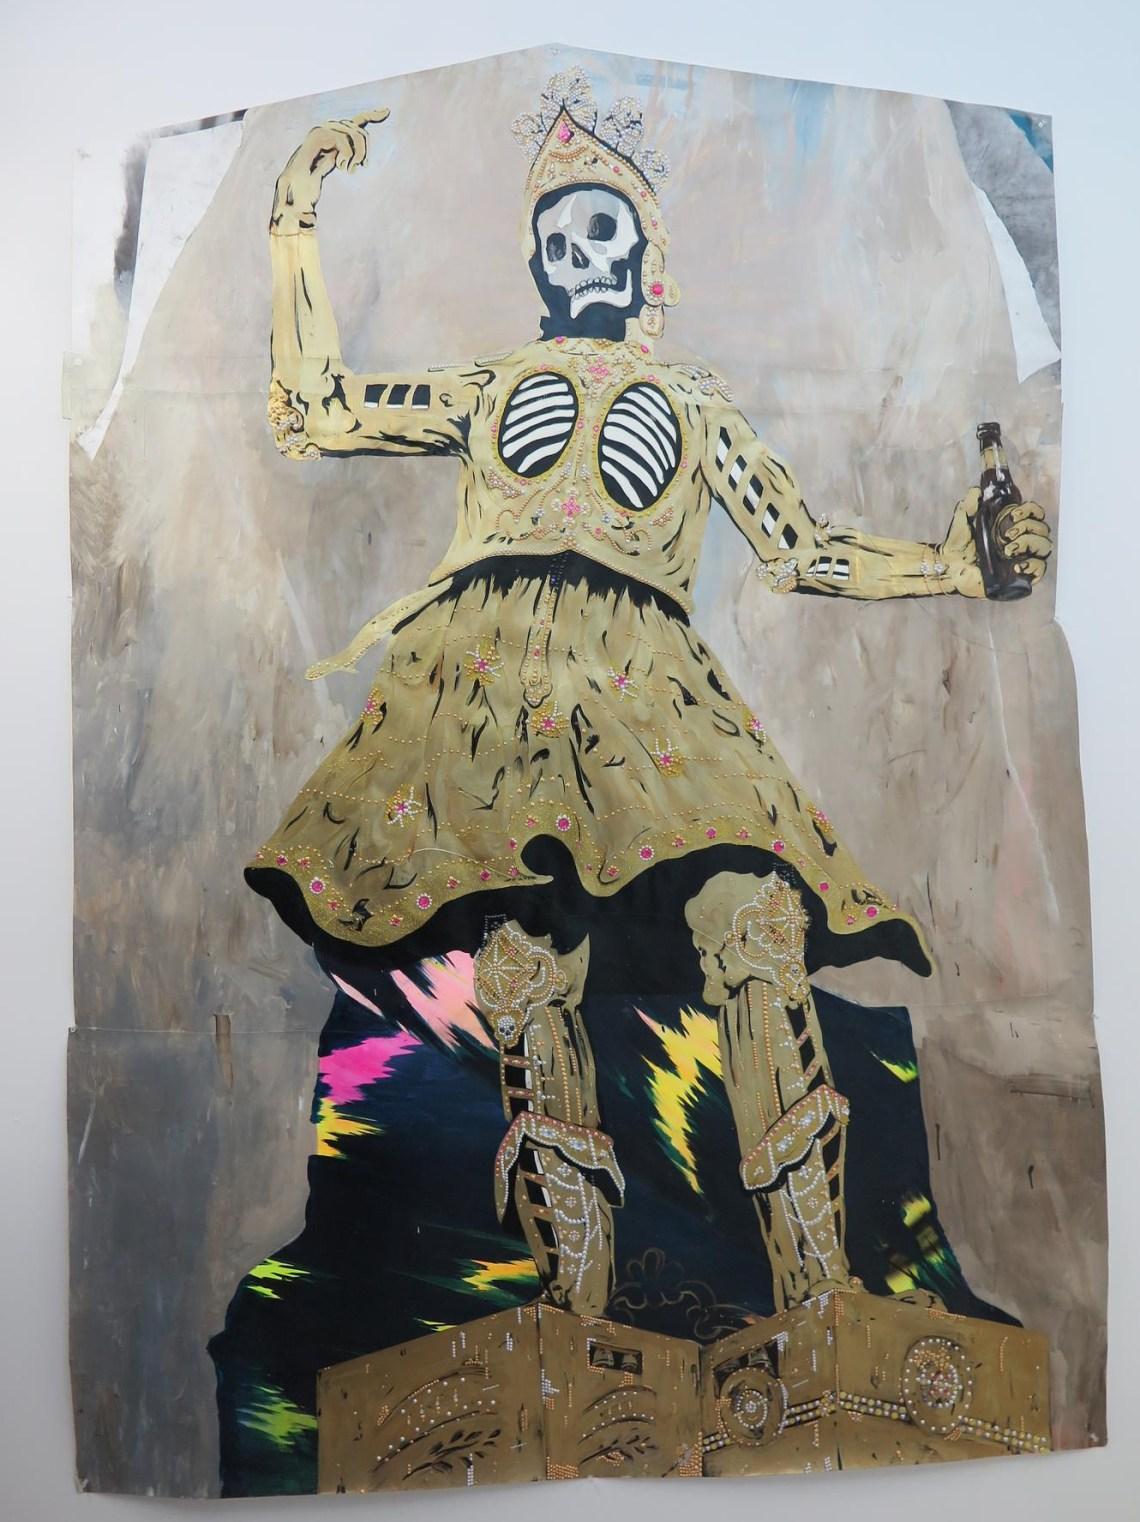 One for the hommies - Stefan kasper - Galerie Bart